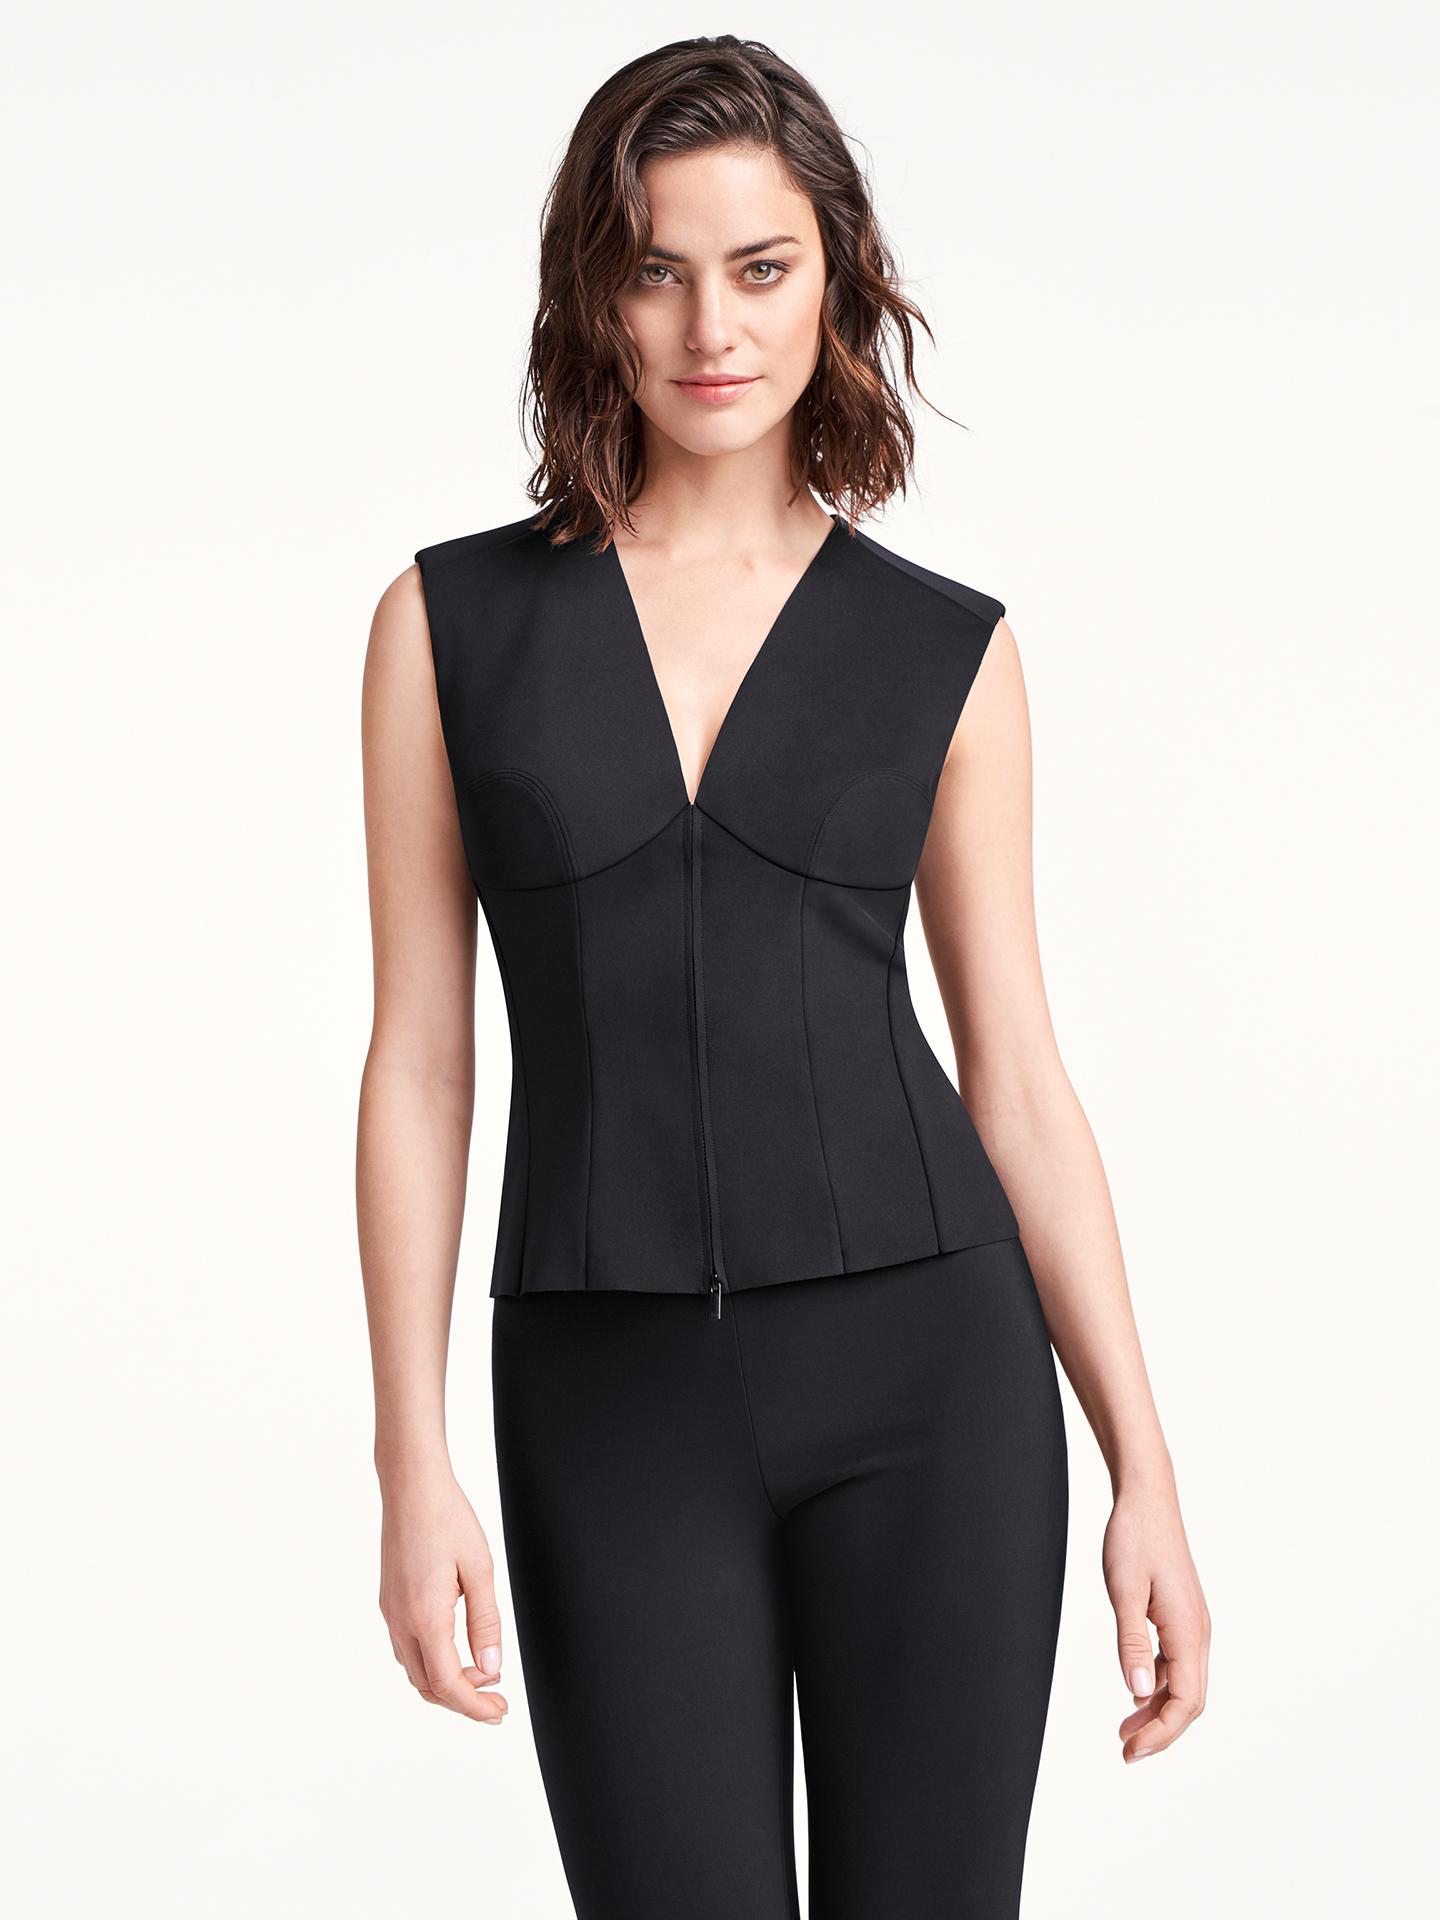 Artikel klicken und genauer betrachten! - Sarah Vest   im Online Shop kaufen